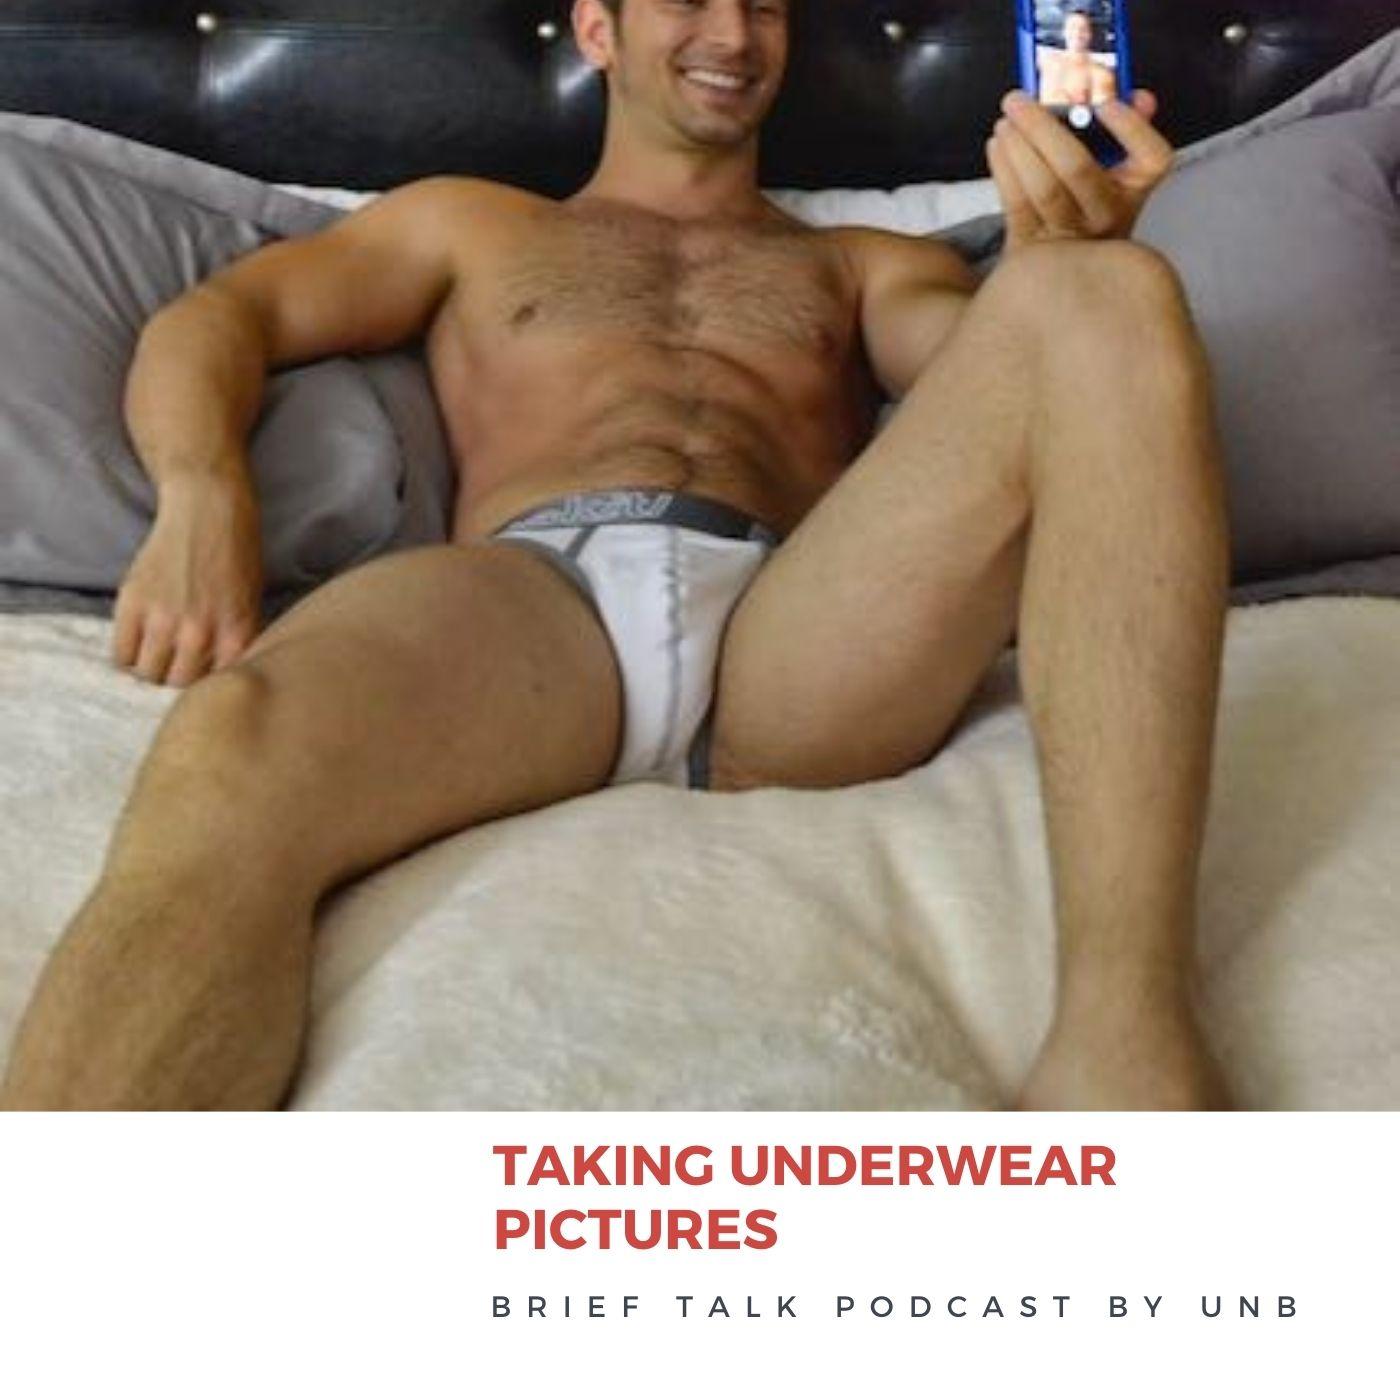 BRIEF TALK Podcast: Taking Underwear Pictures